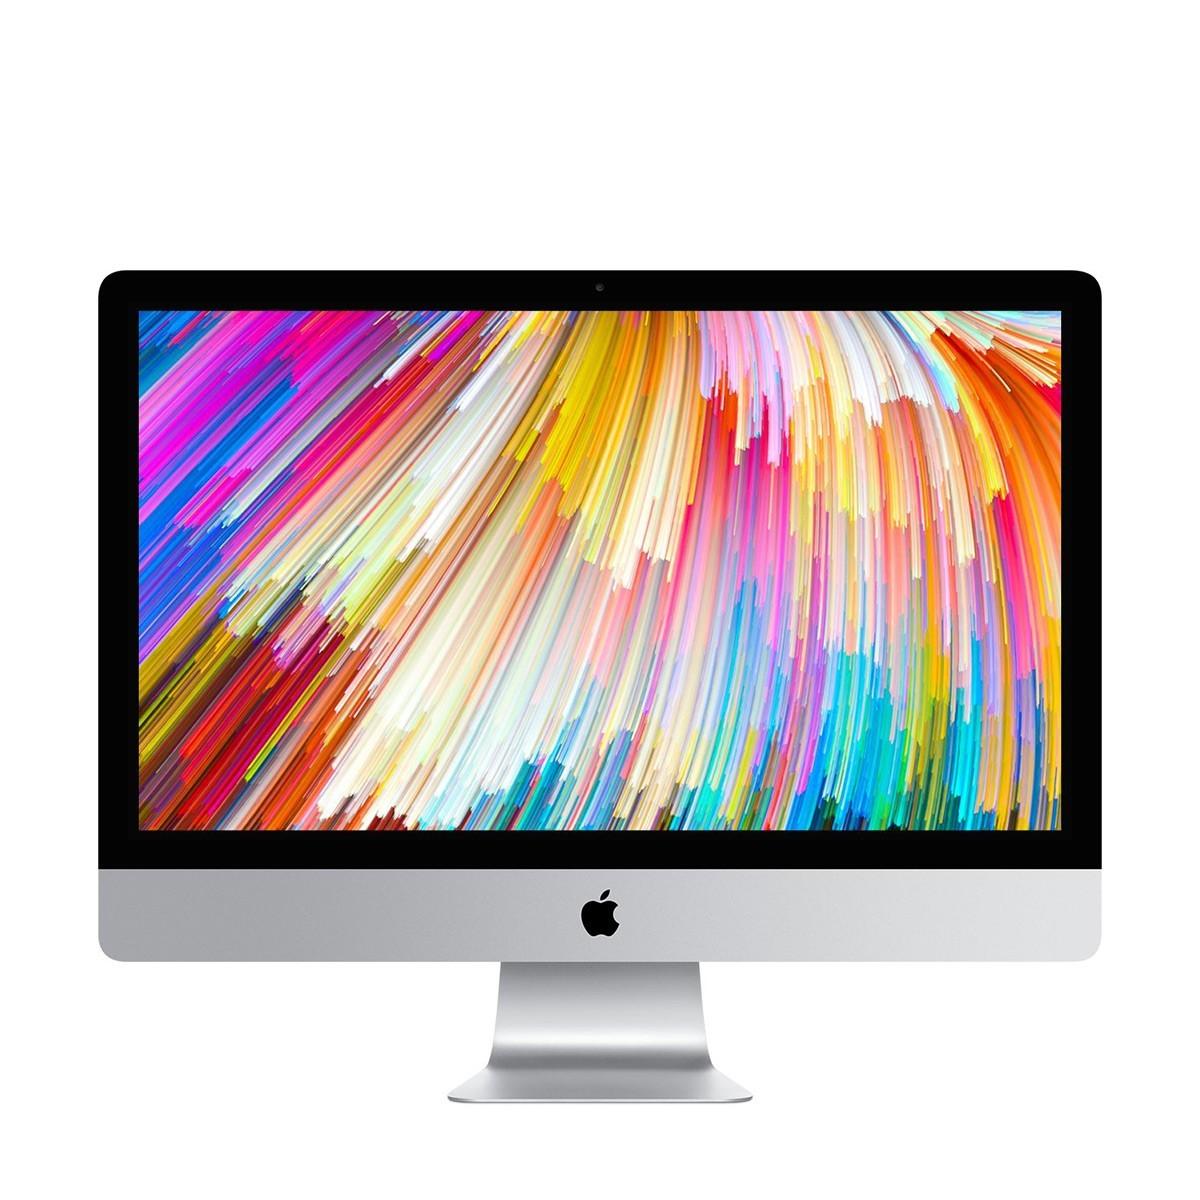 """Настолен компютър Apple iMac 27"""" с Retina 5K дисплей, 3,4GHz четириядрен Intel Core i5 процесор и 8GB памет - международна клавиатура"""